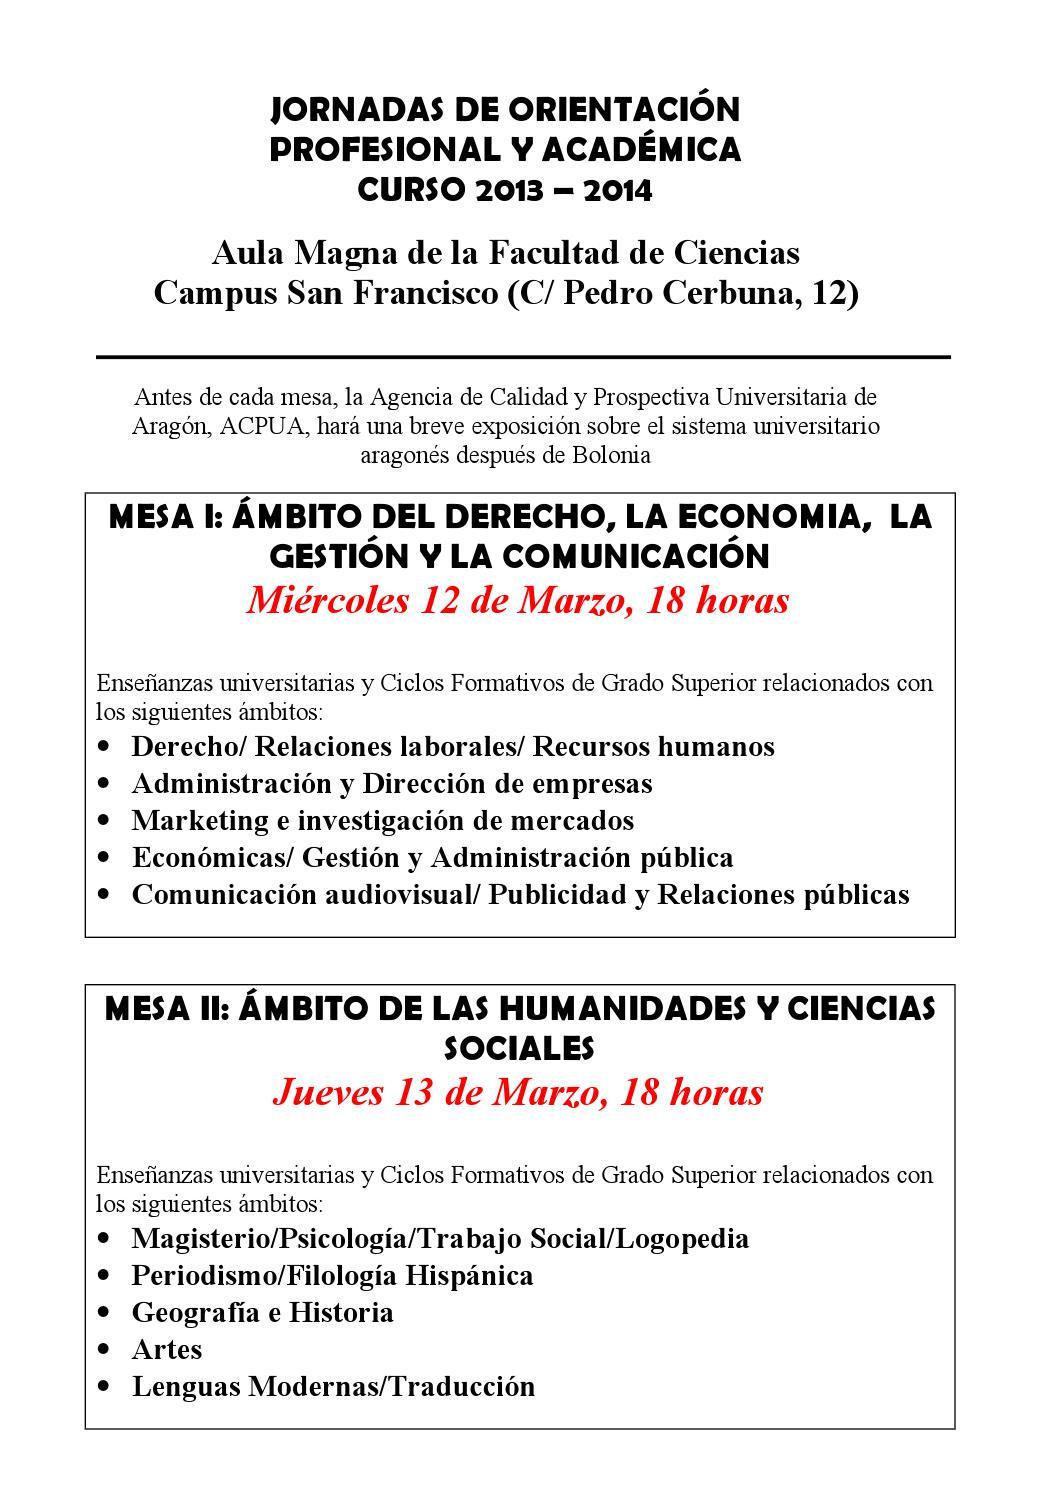 Jornadas De Orientación 2014 By Dusty Garcia Issuu